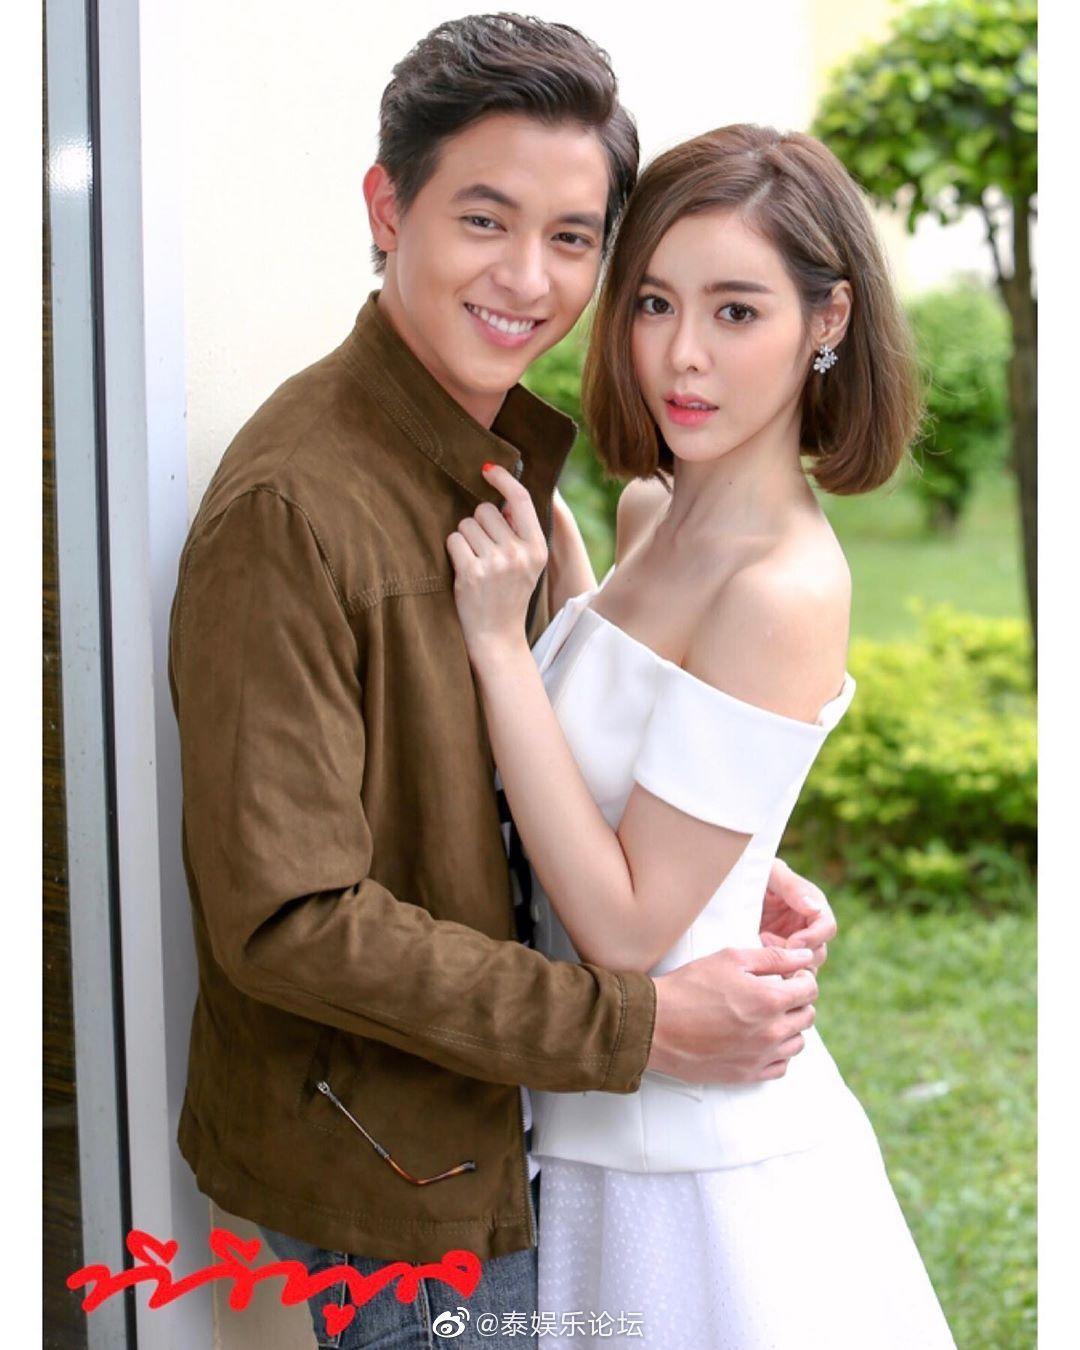 《玫瑰奇缘恋与大明星泰语版》的剧照14